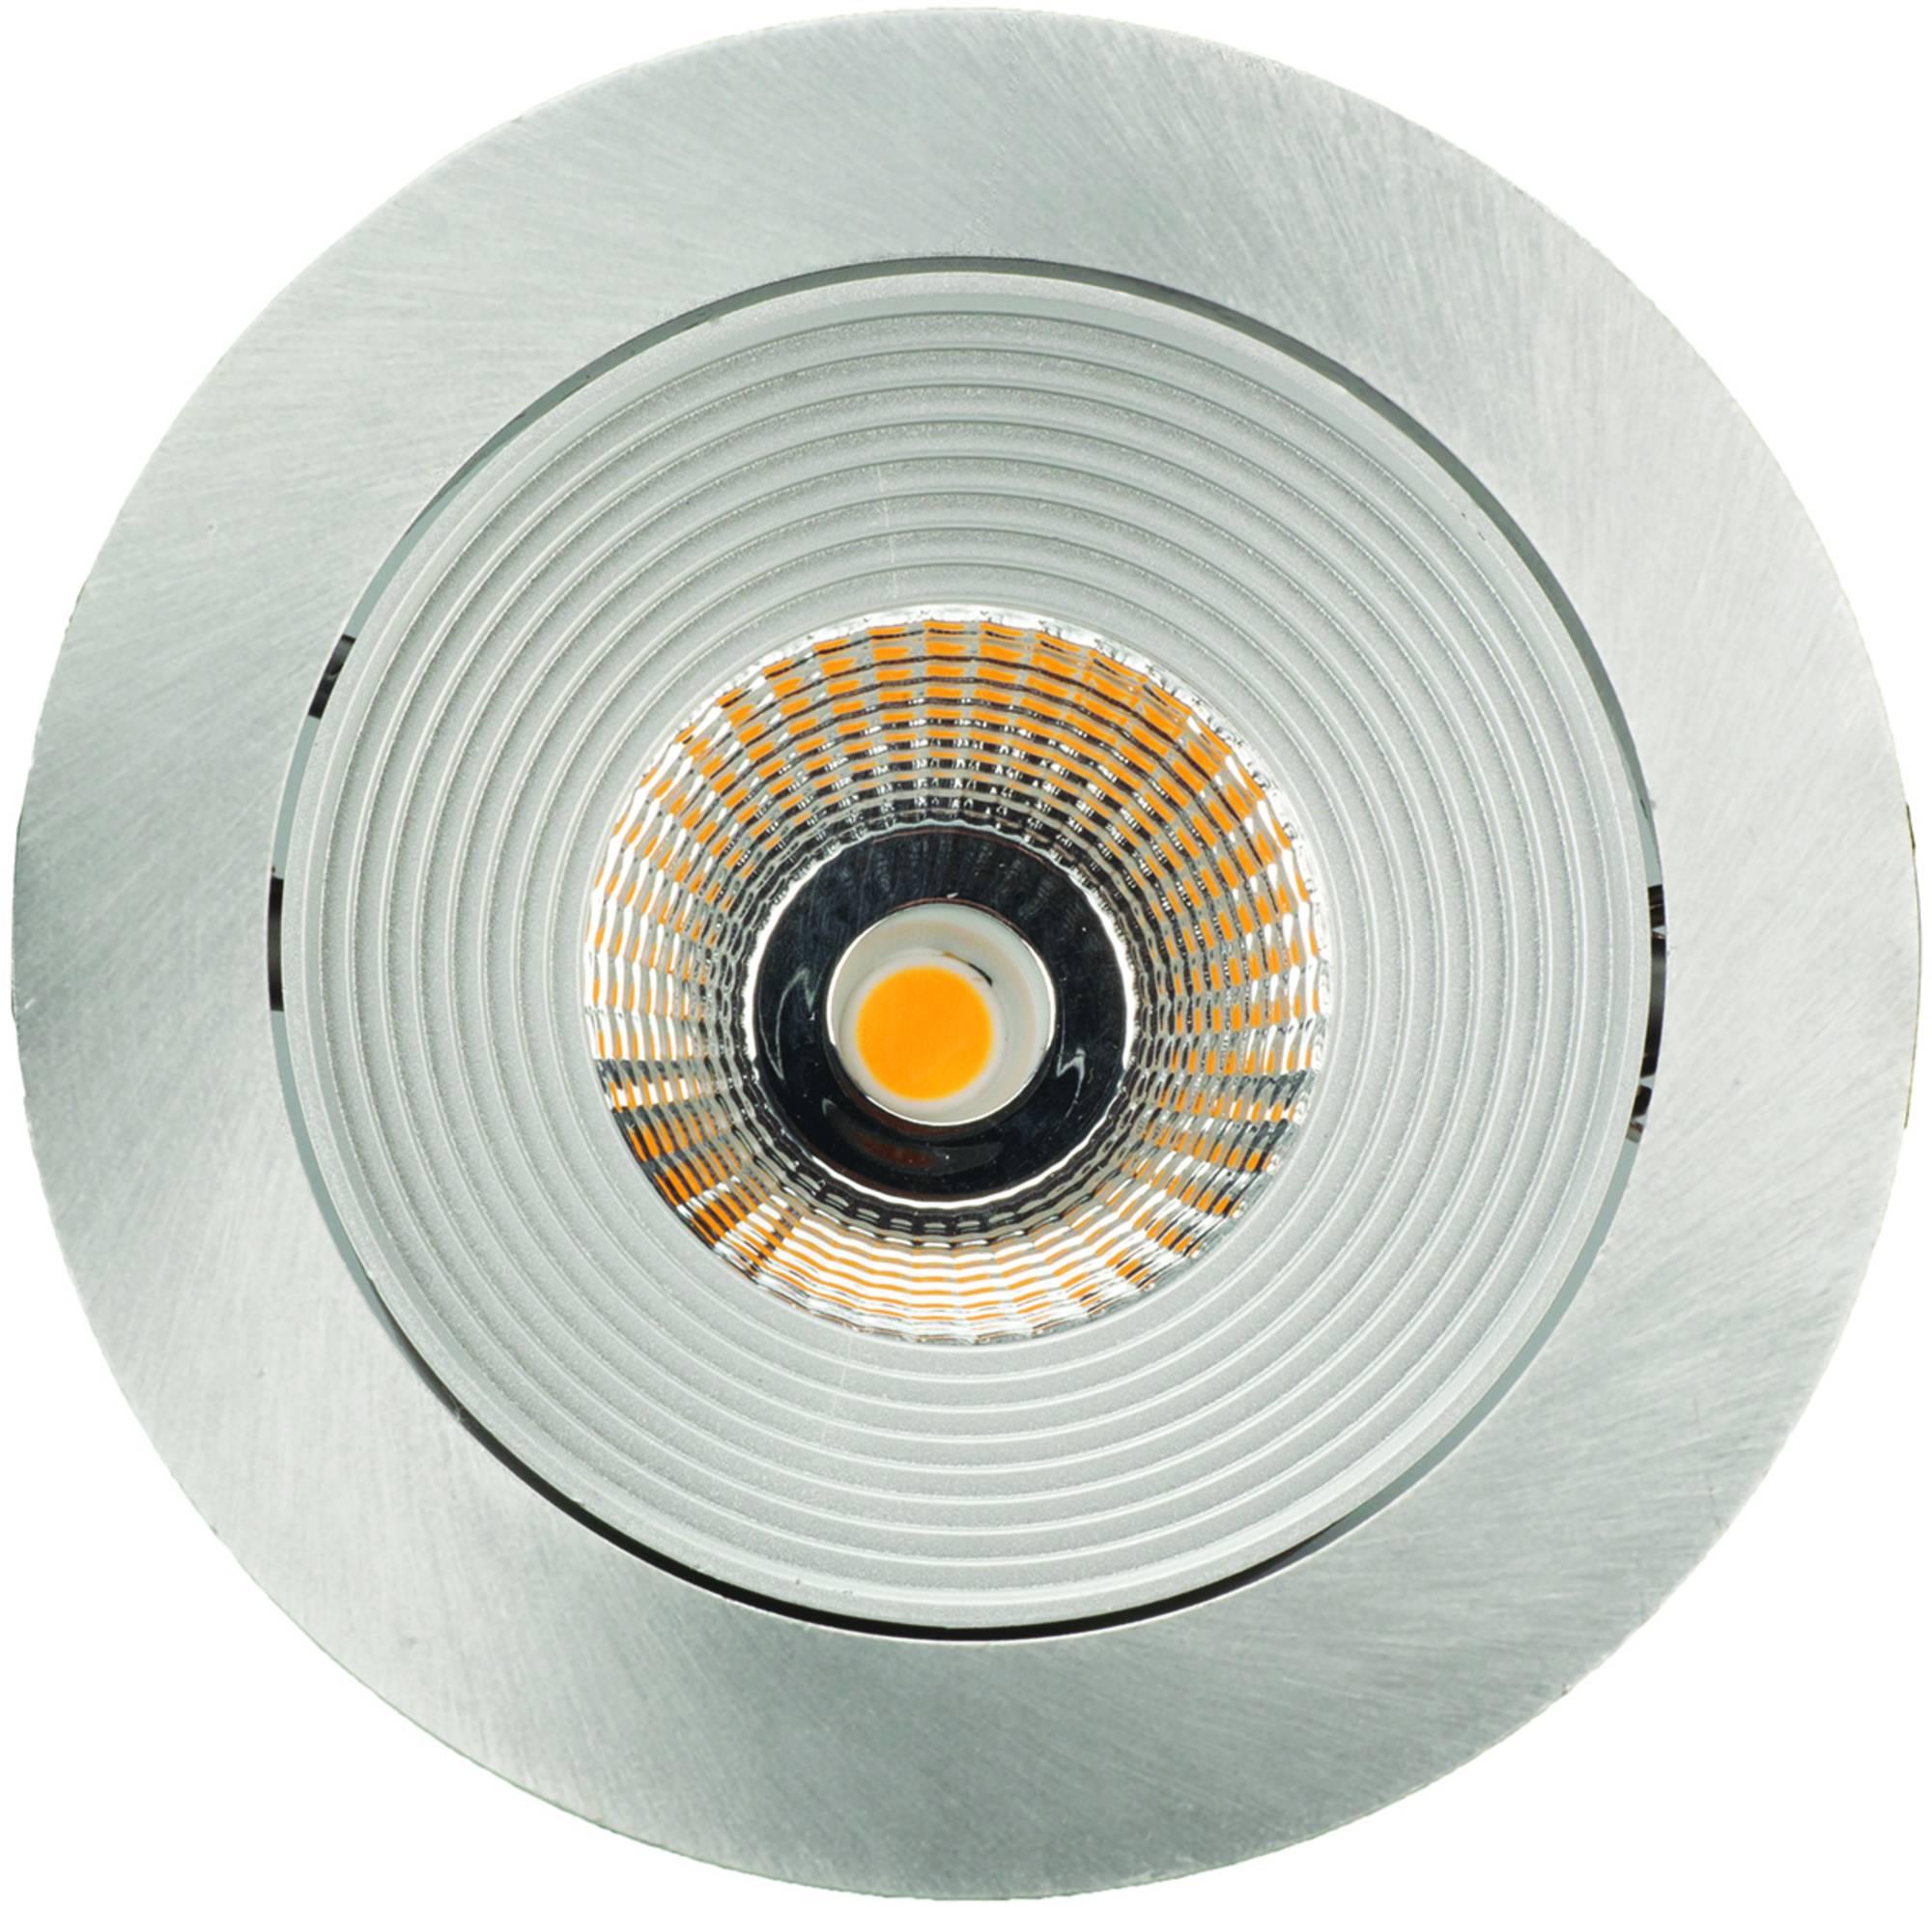 Ben Luxalon plafond spot LED Aluminium mat